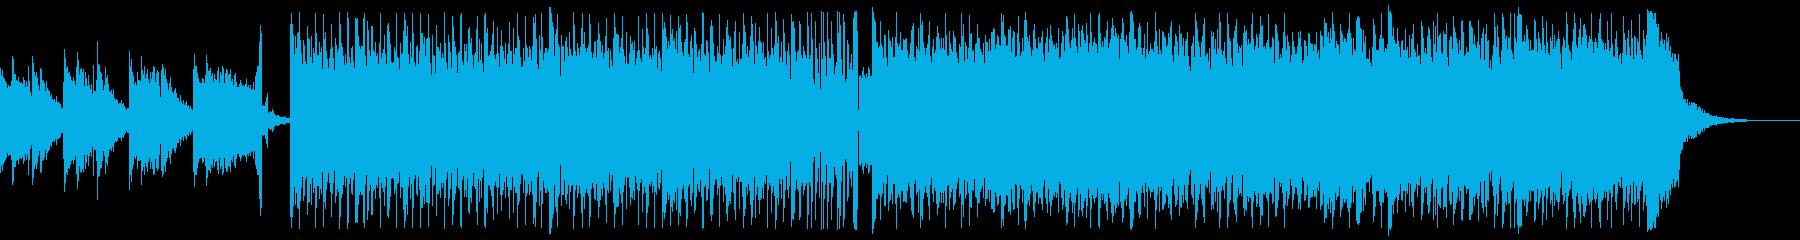 どんどん新しい世界を発見するイメージの曲の再生済みの波形